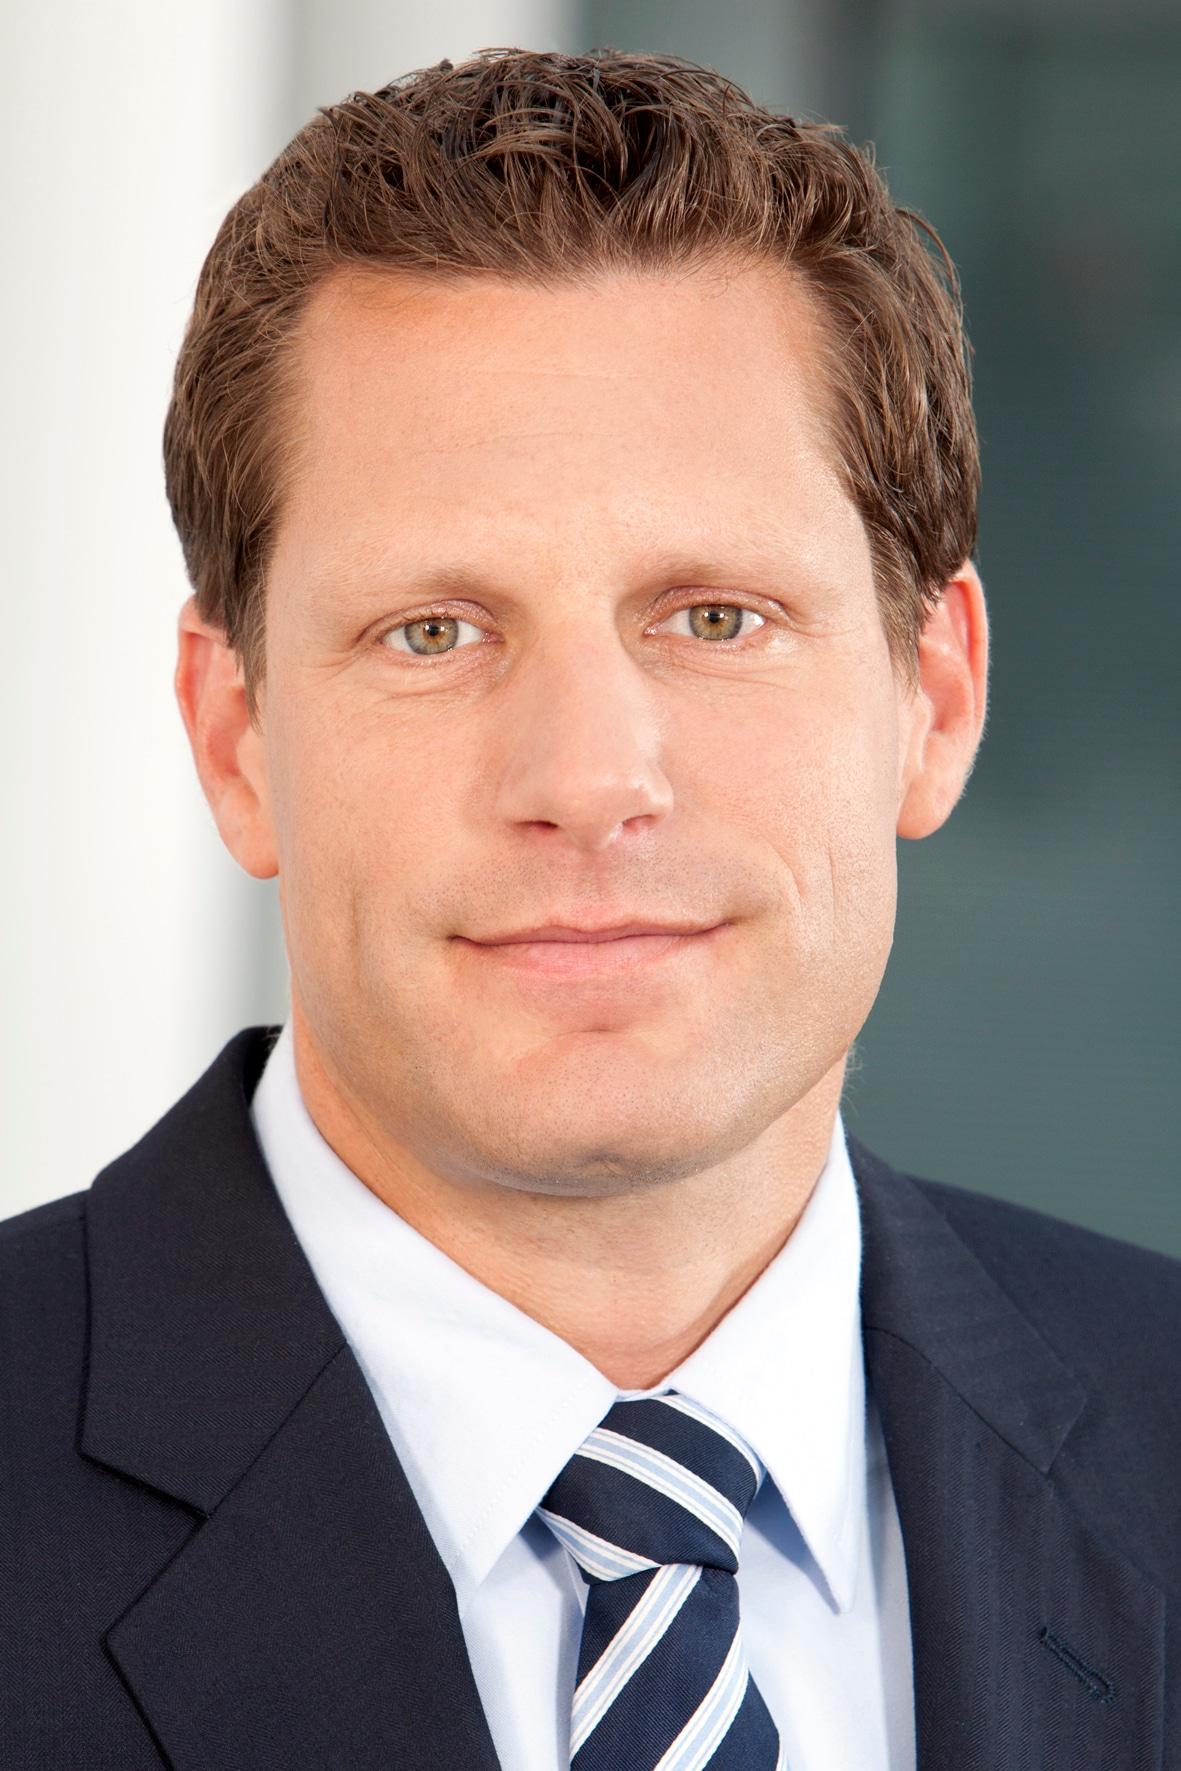 Andreas from Heidelberg